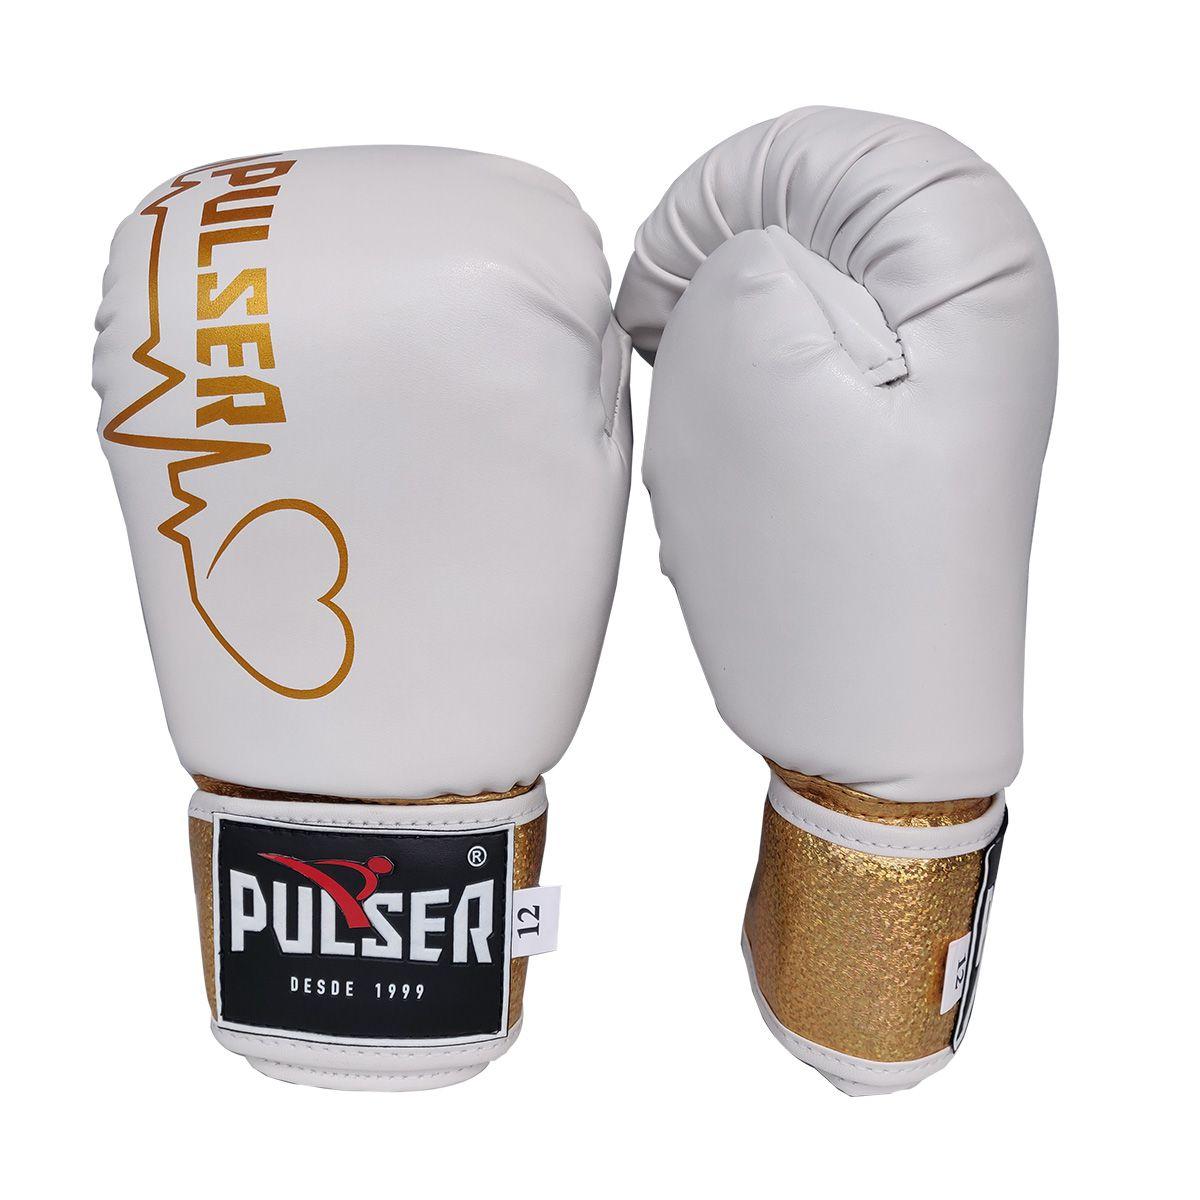 Kit de Boxe / Muay Thai Feminino 10oz - Branco e Dourado Coração - Pulser  - PRALUTA SHOP